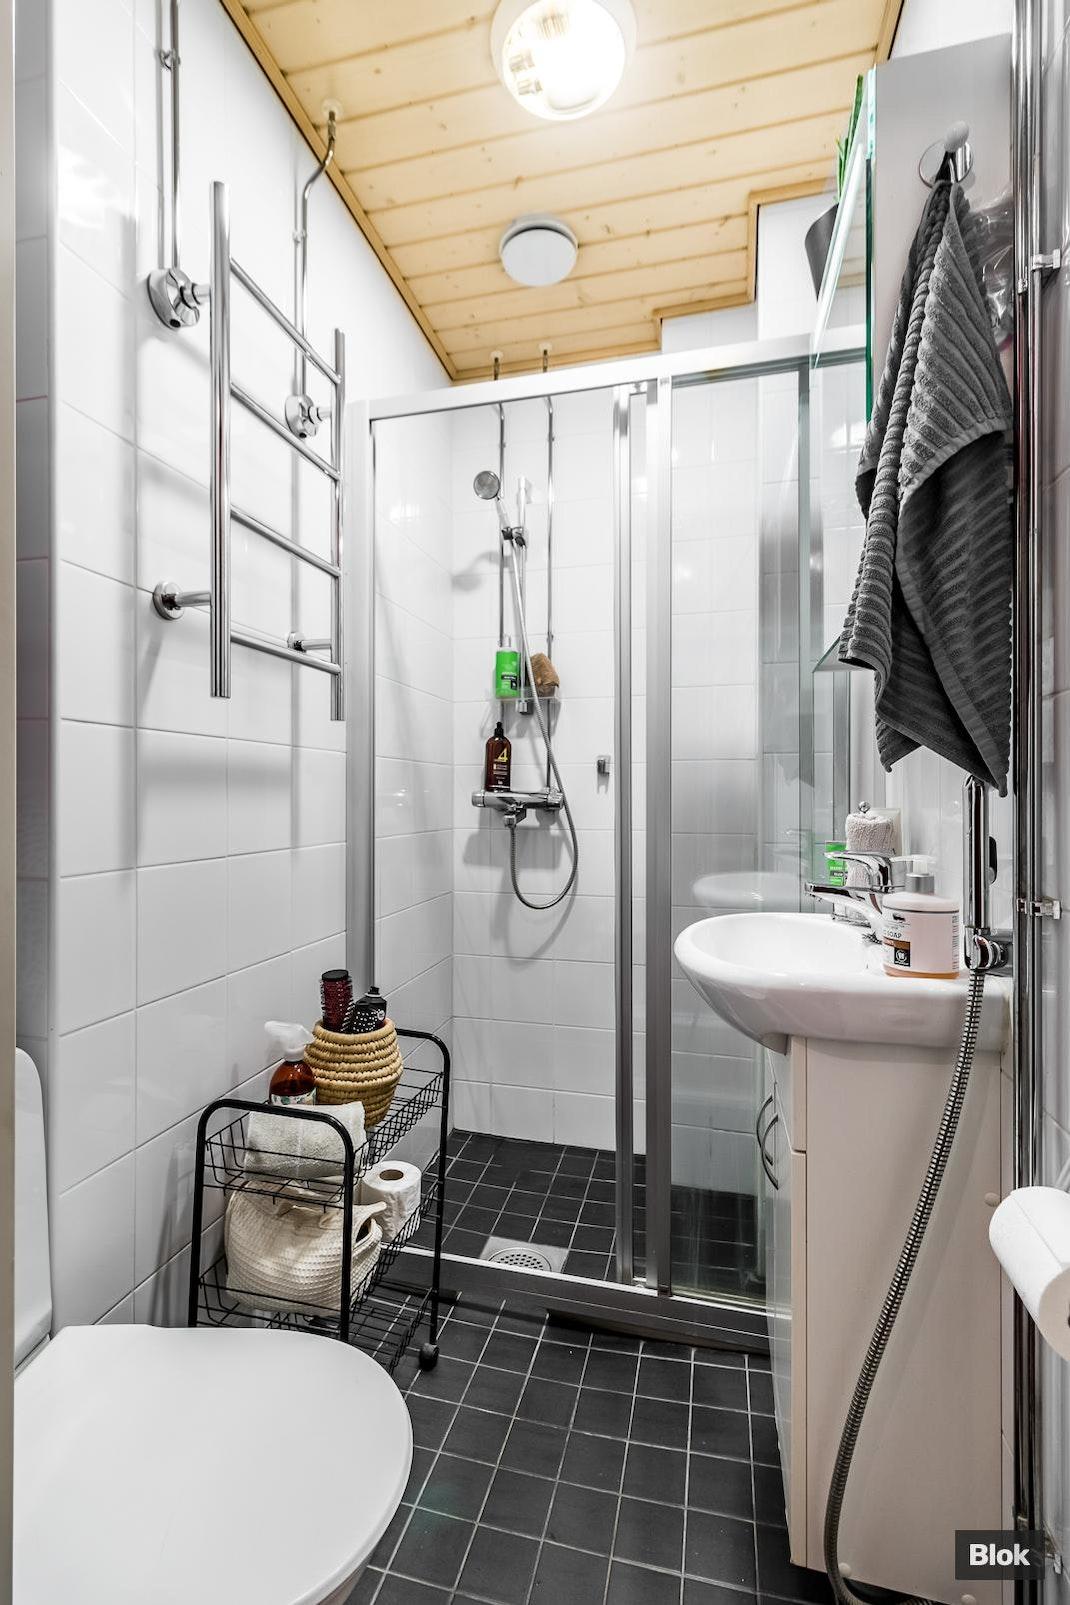 Aleksis Kiven Katu 12 Kylpyhuone